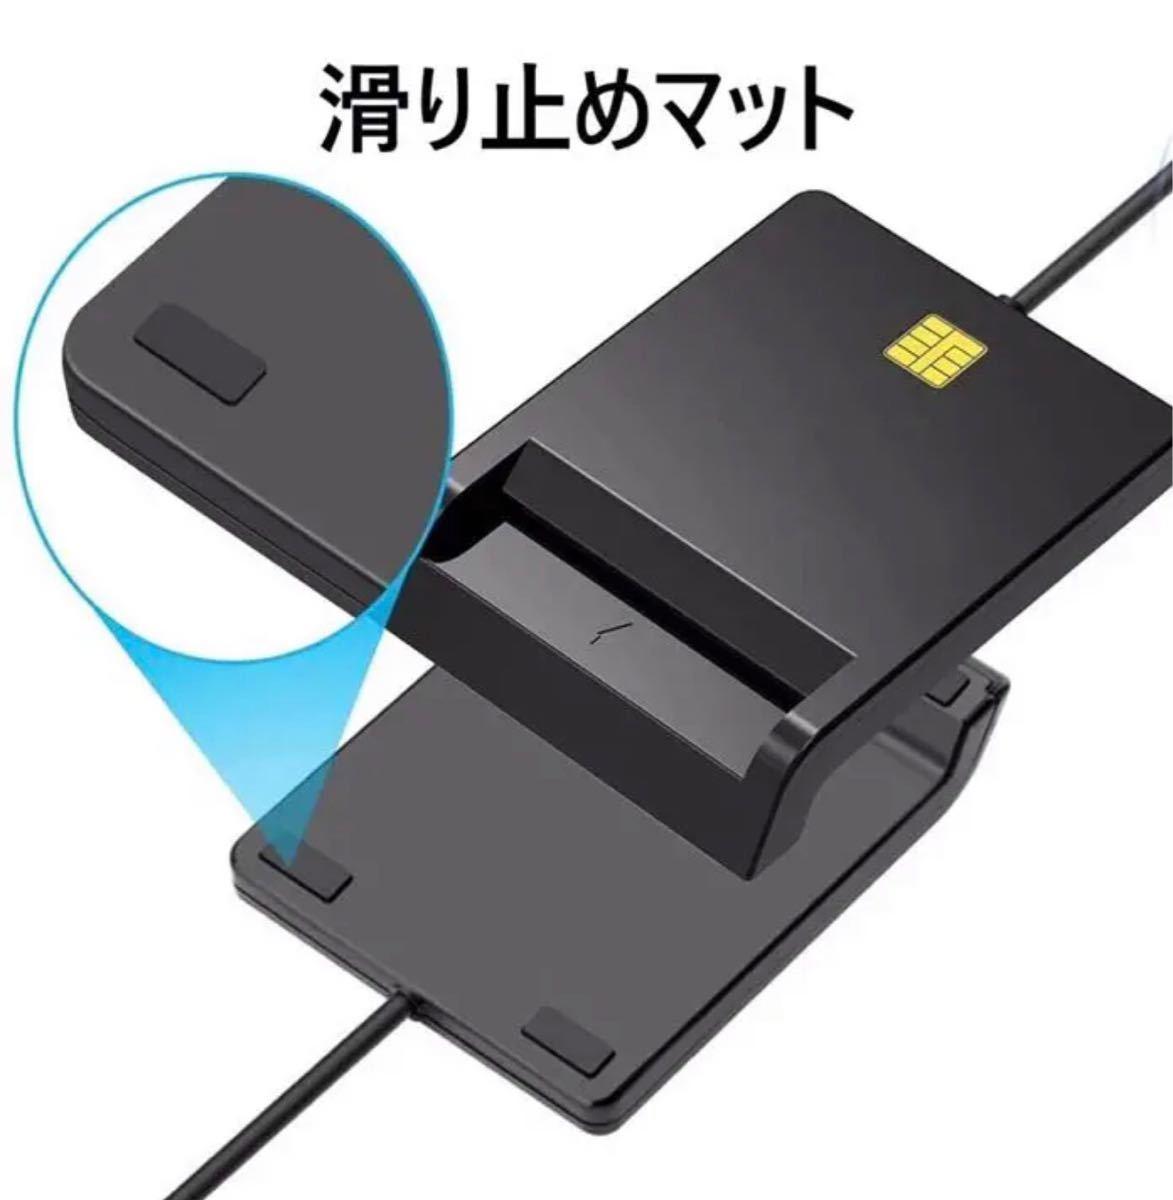 接触型IC カードリーダー USBカードリーダー ICカードリーダー スマートカードリーダー